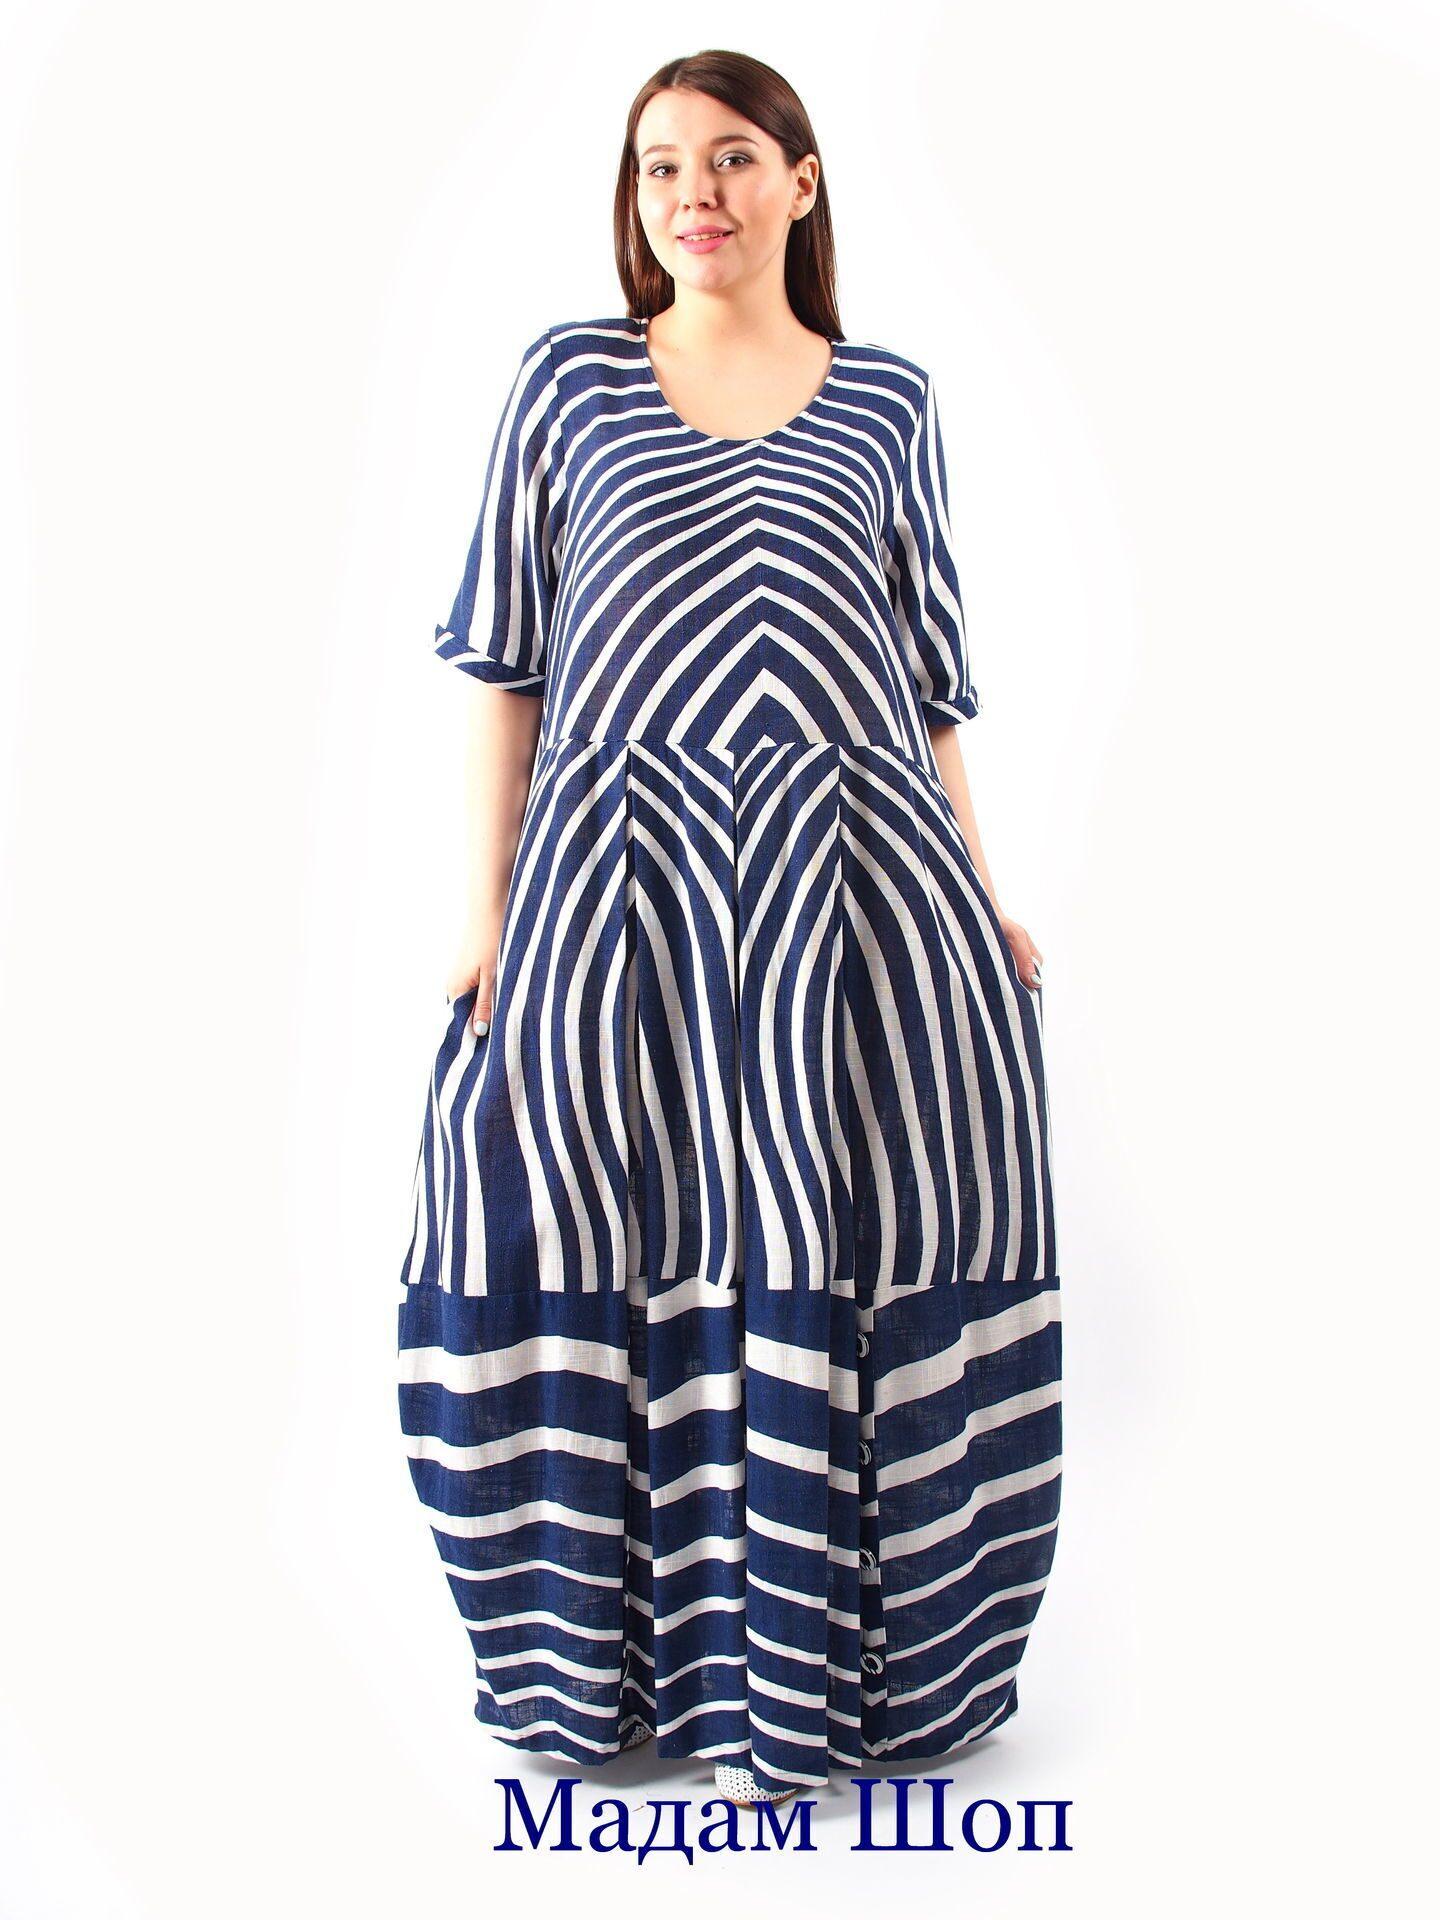 18c81126e9a Платье с оригинальной юбкой-баллоном большого размера. Сине-голубая полоска